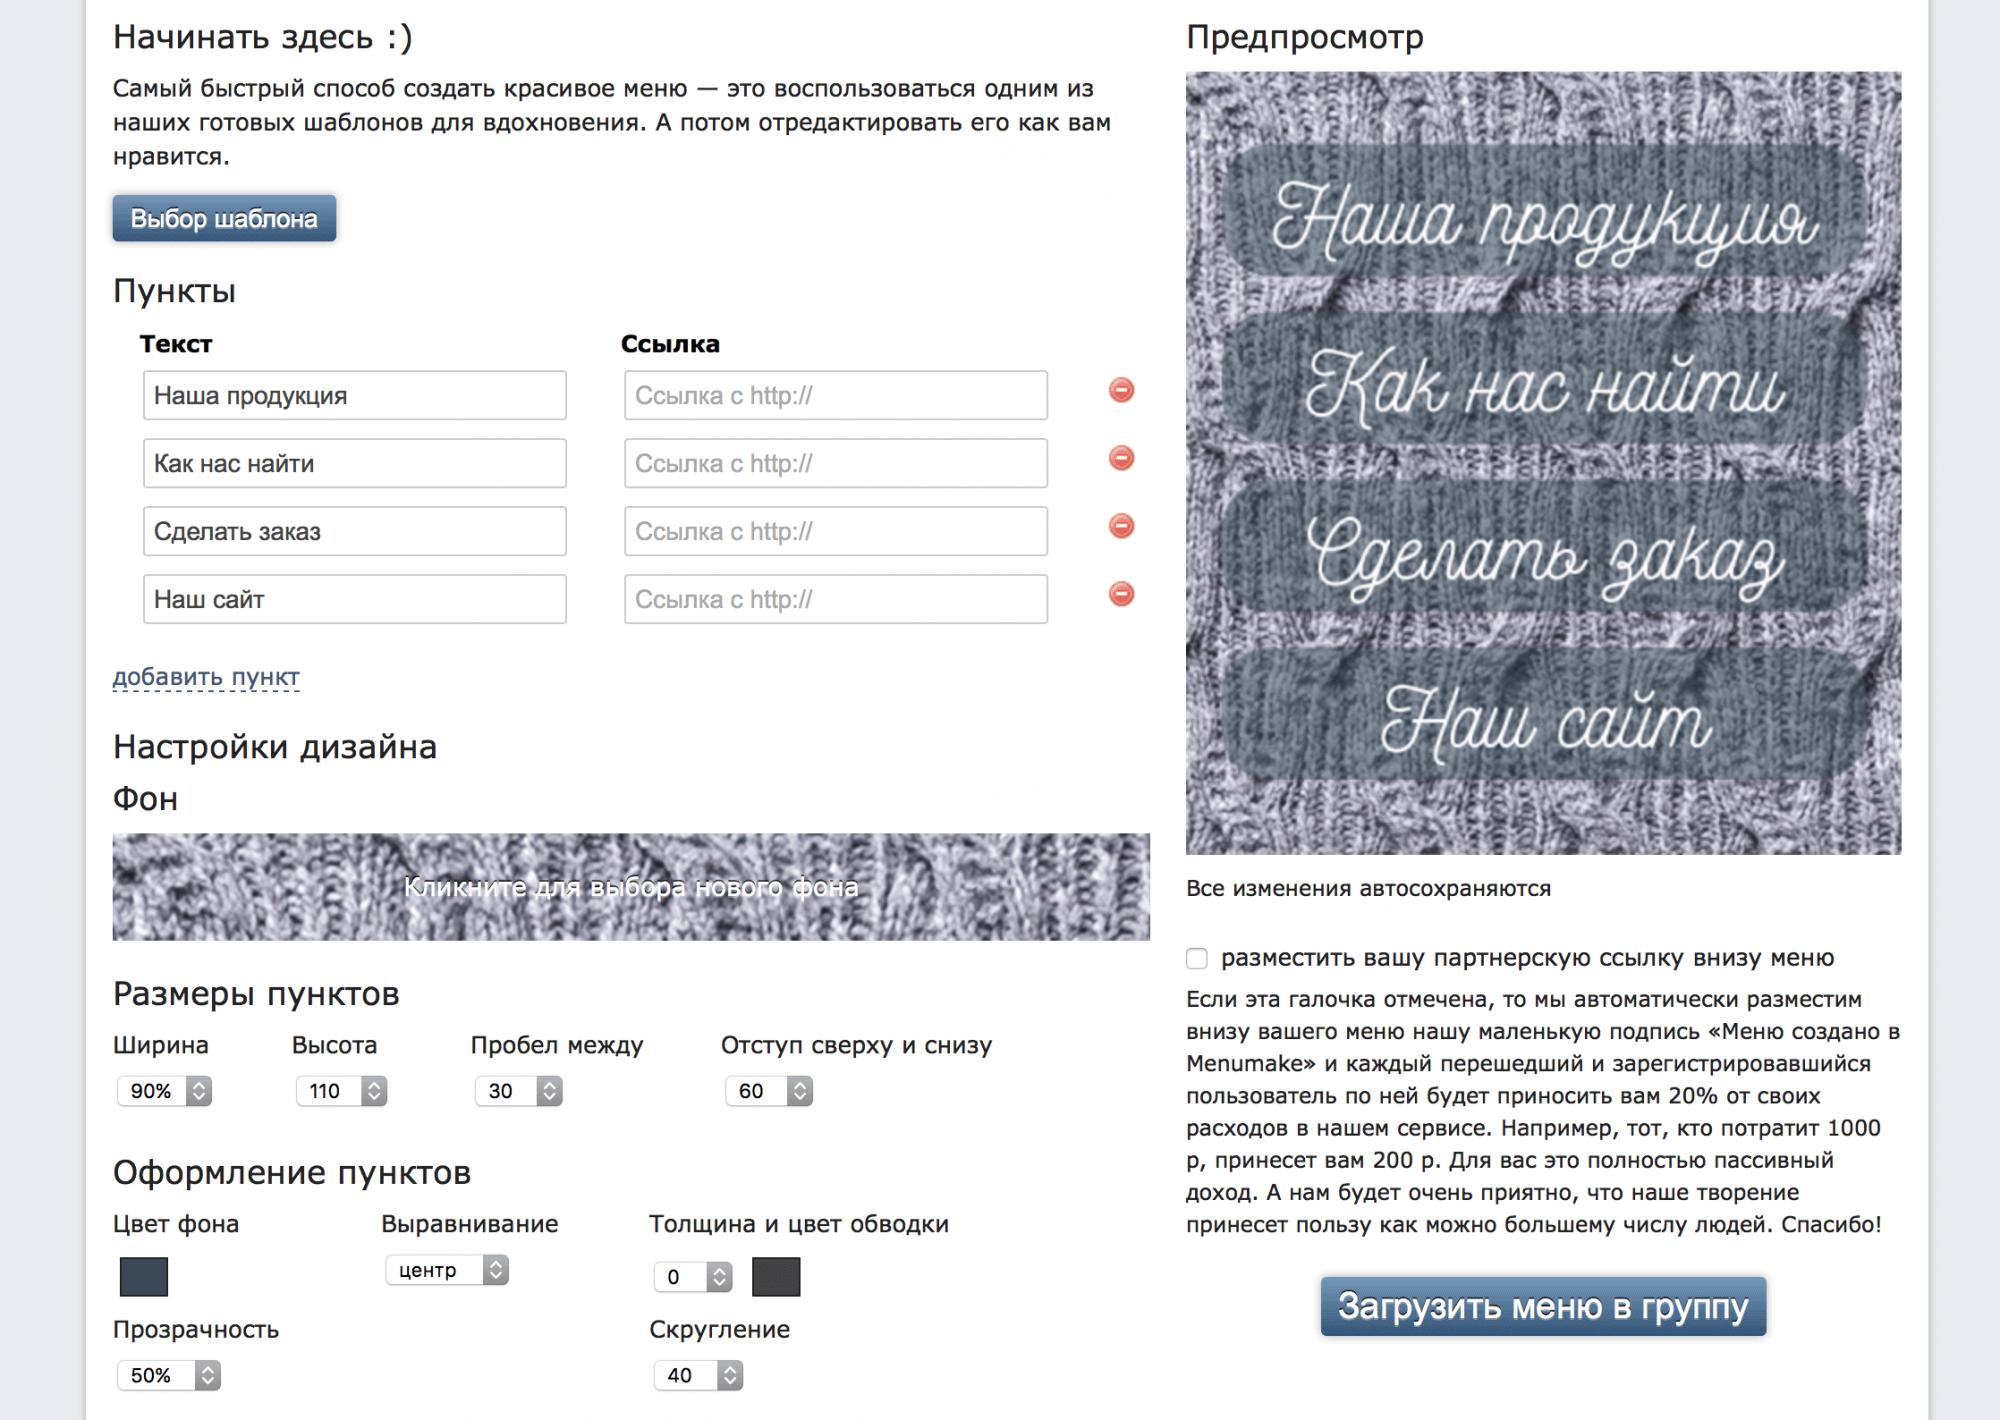 Инструкция создание страниц и связывание с меню